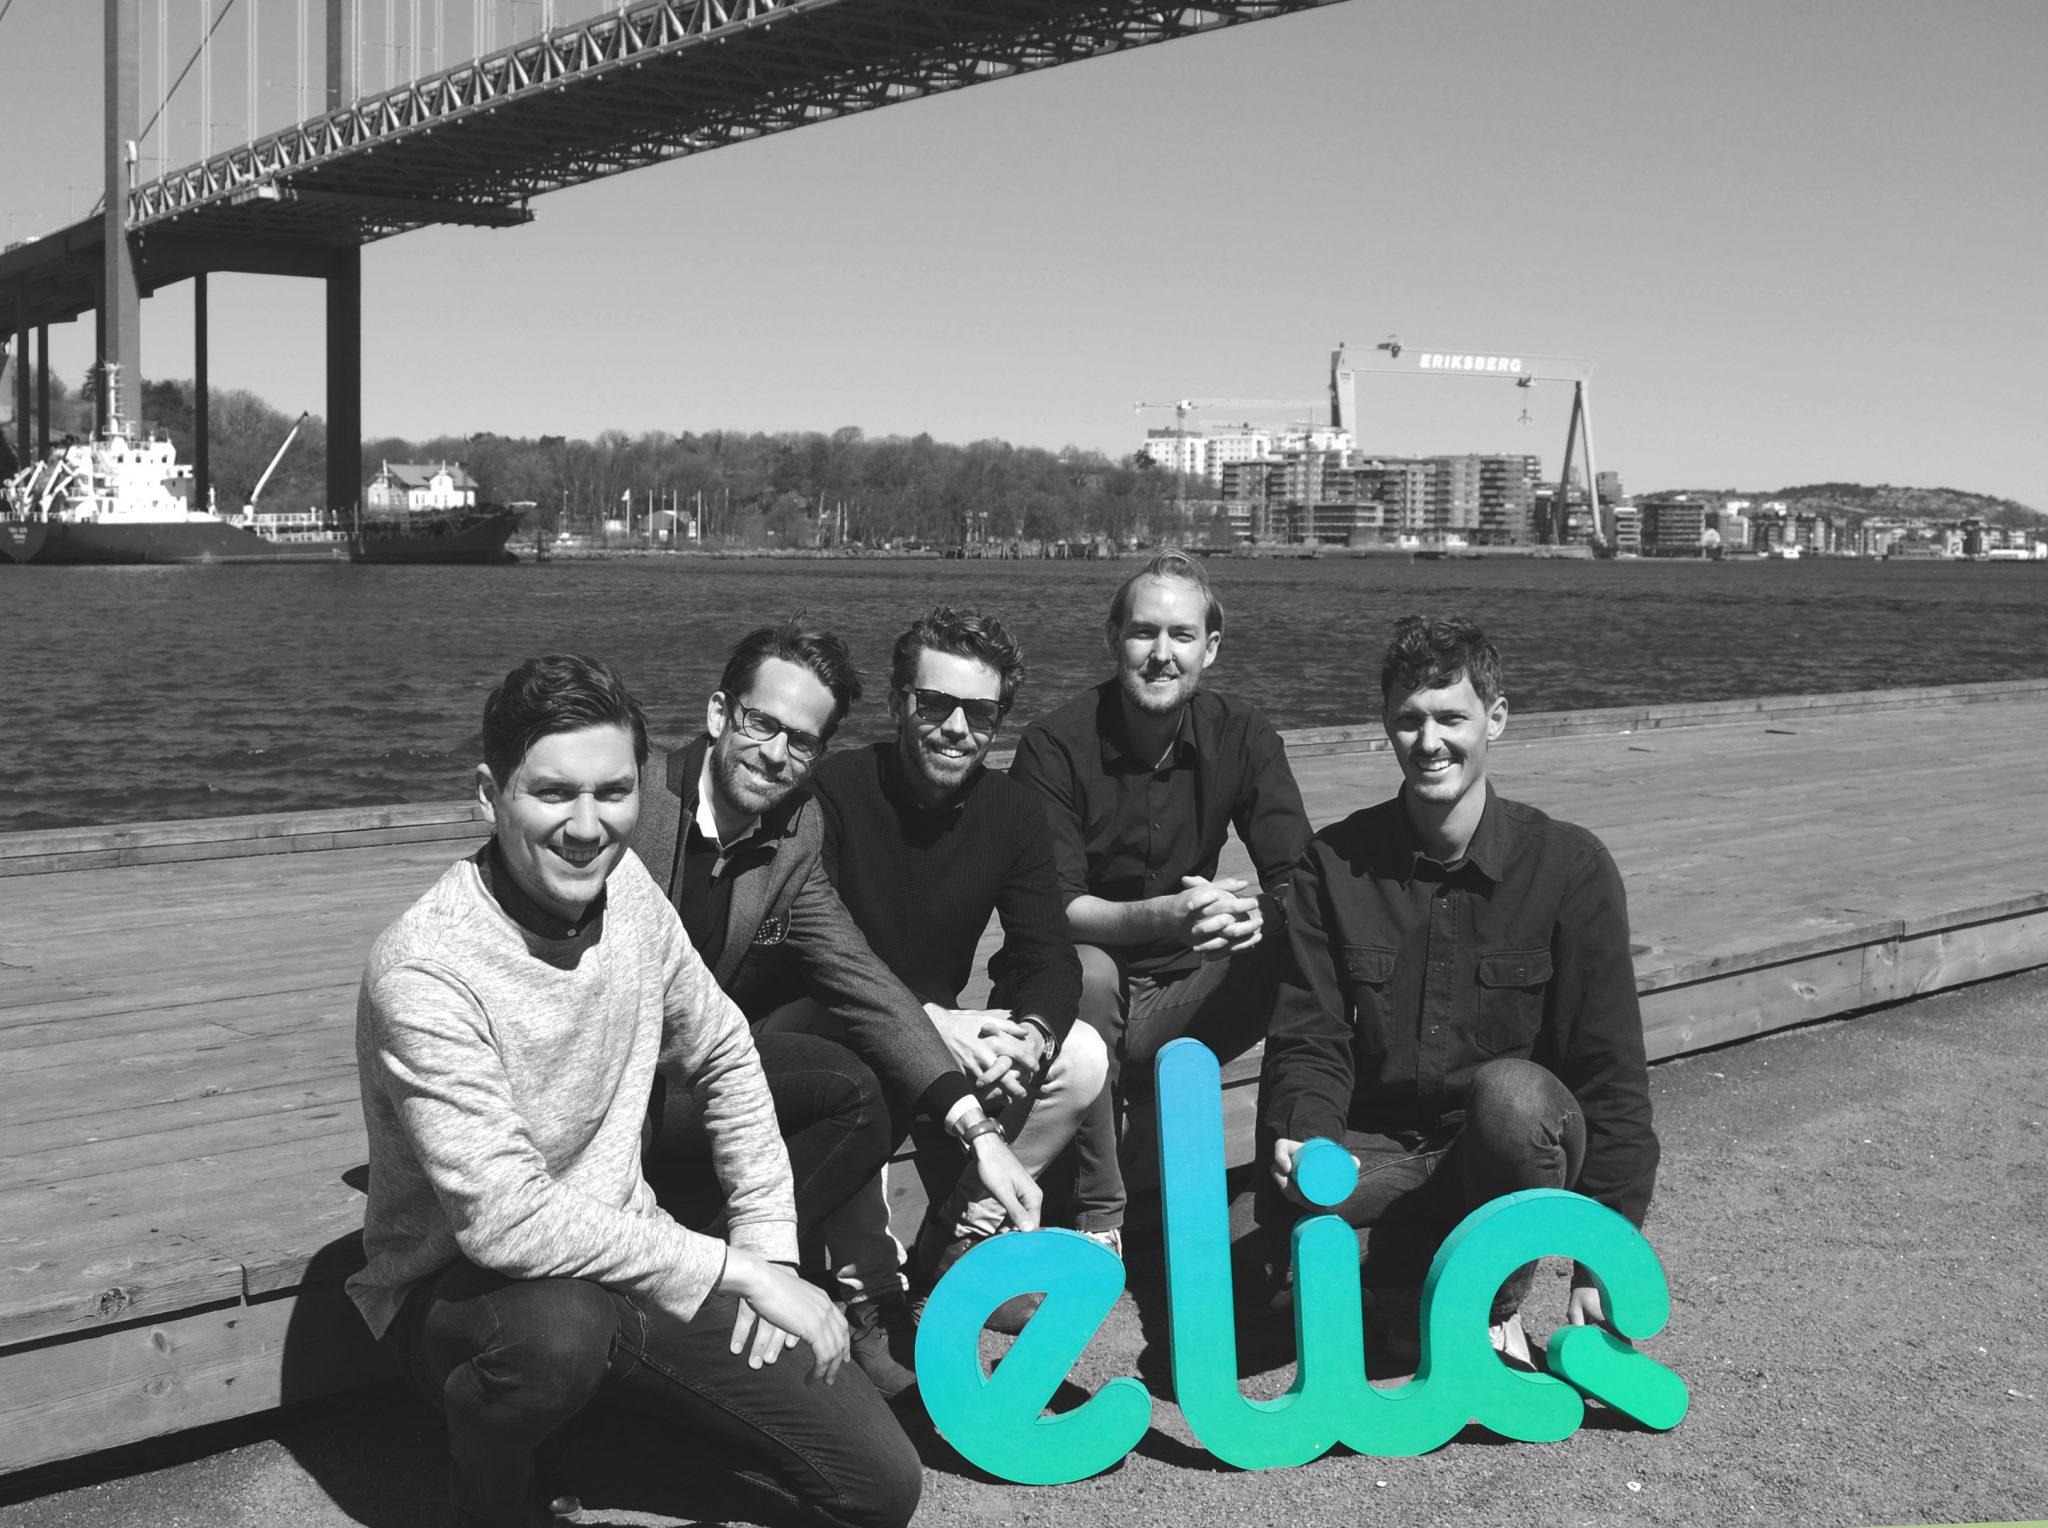 Swedish startup Eliq